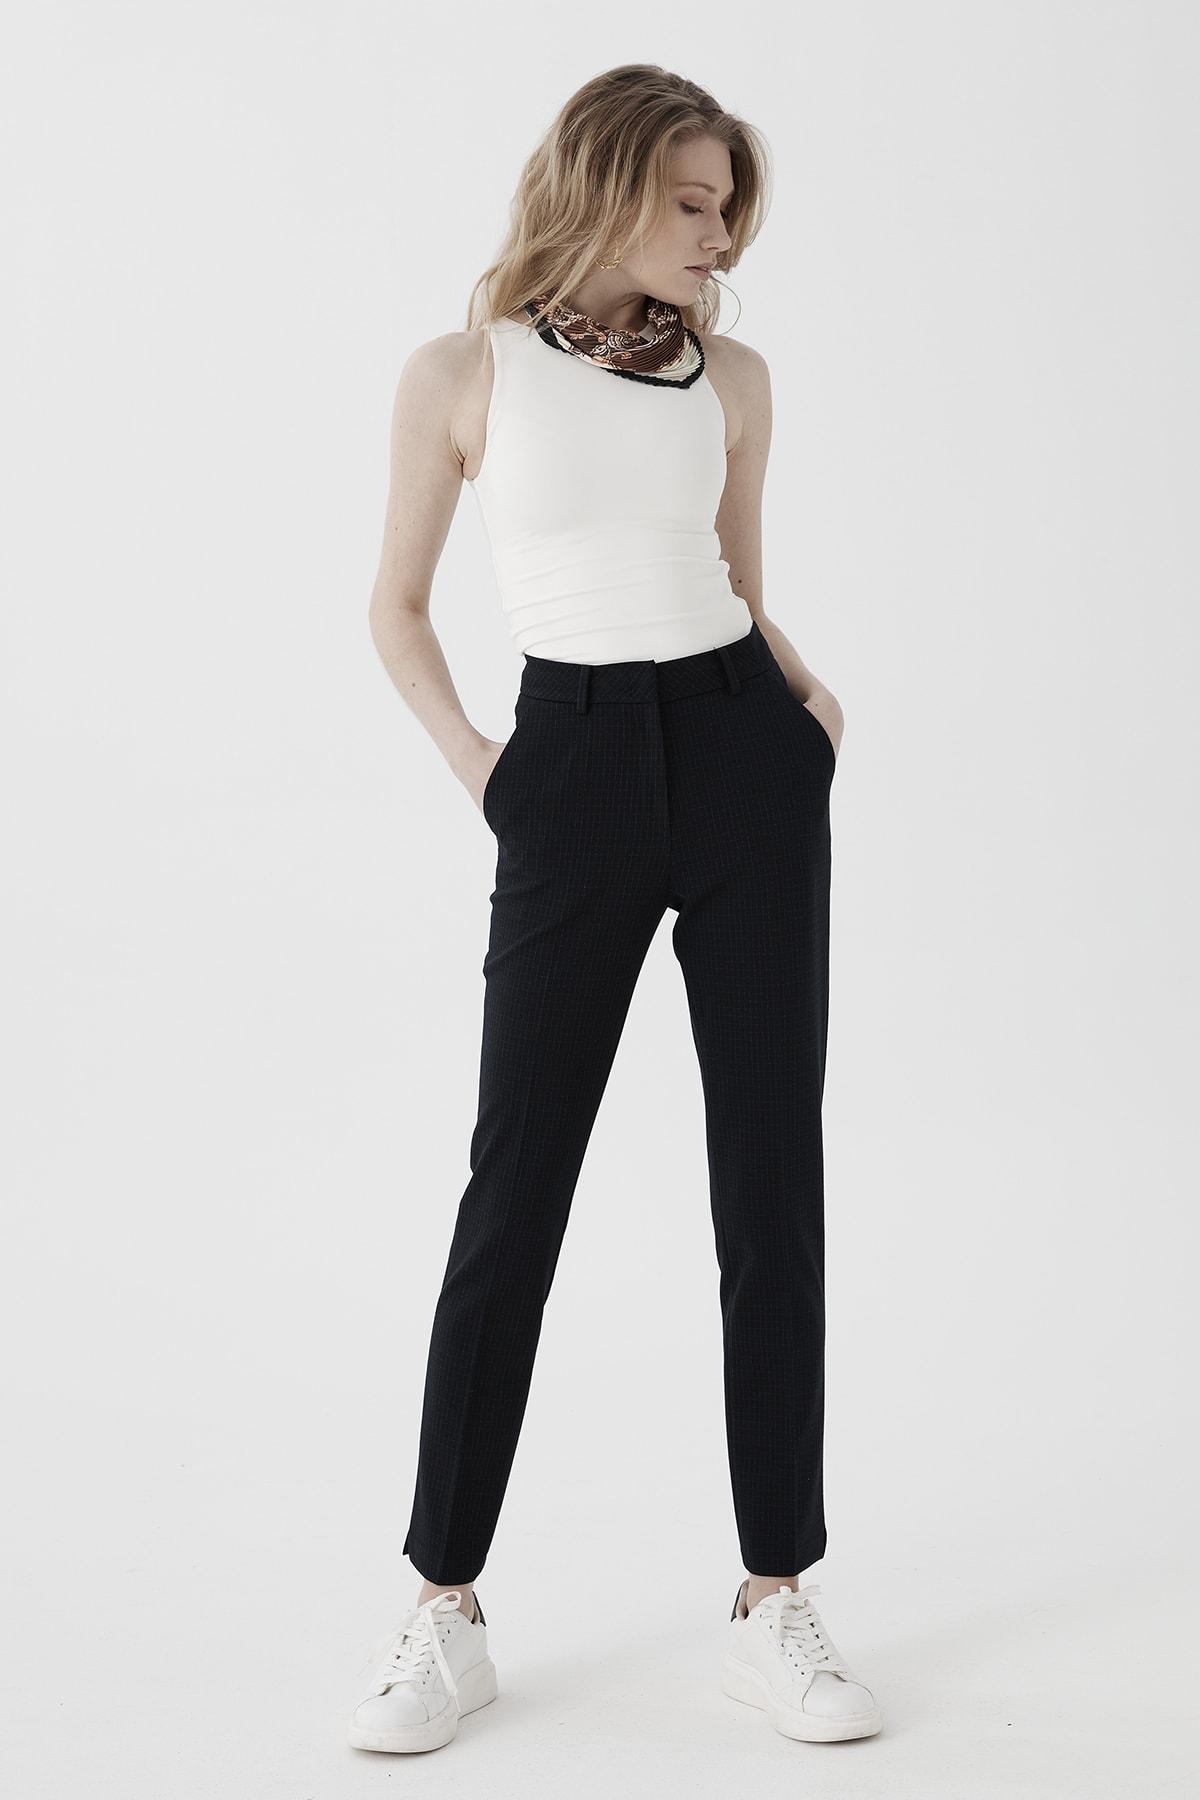 Chima Kadın Lacivert Dar Paça Yüksek Bel Pantolon 2